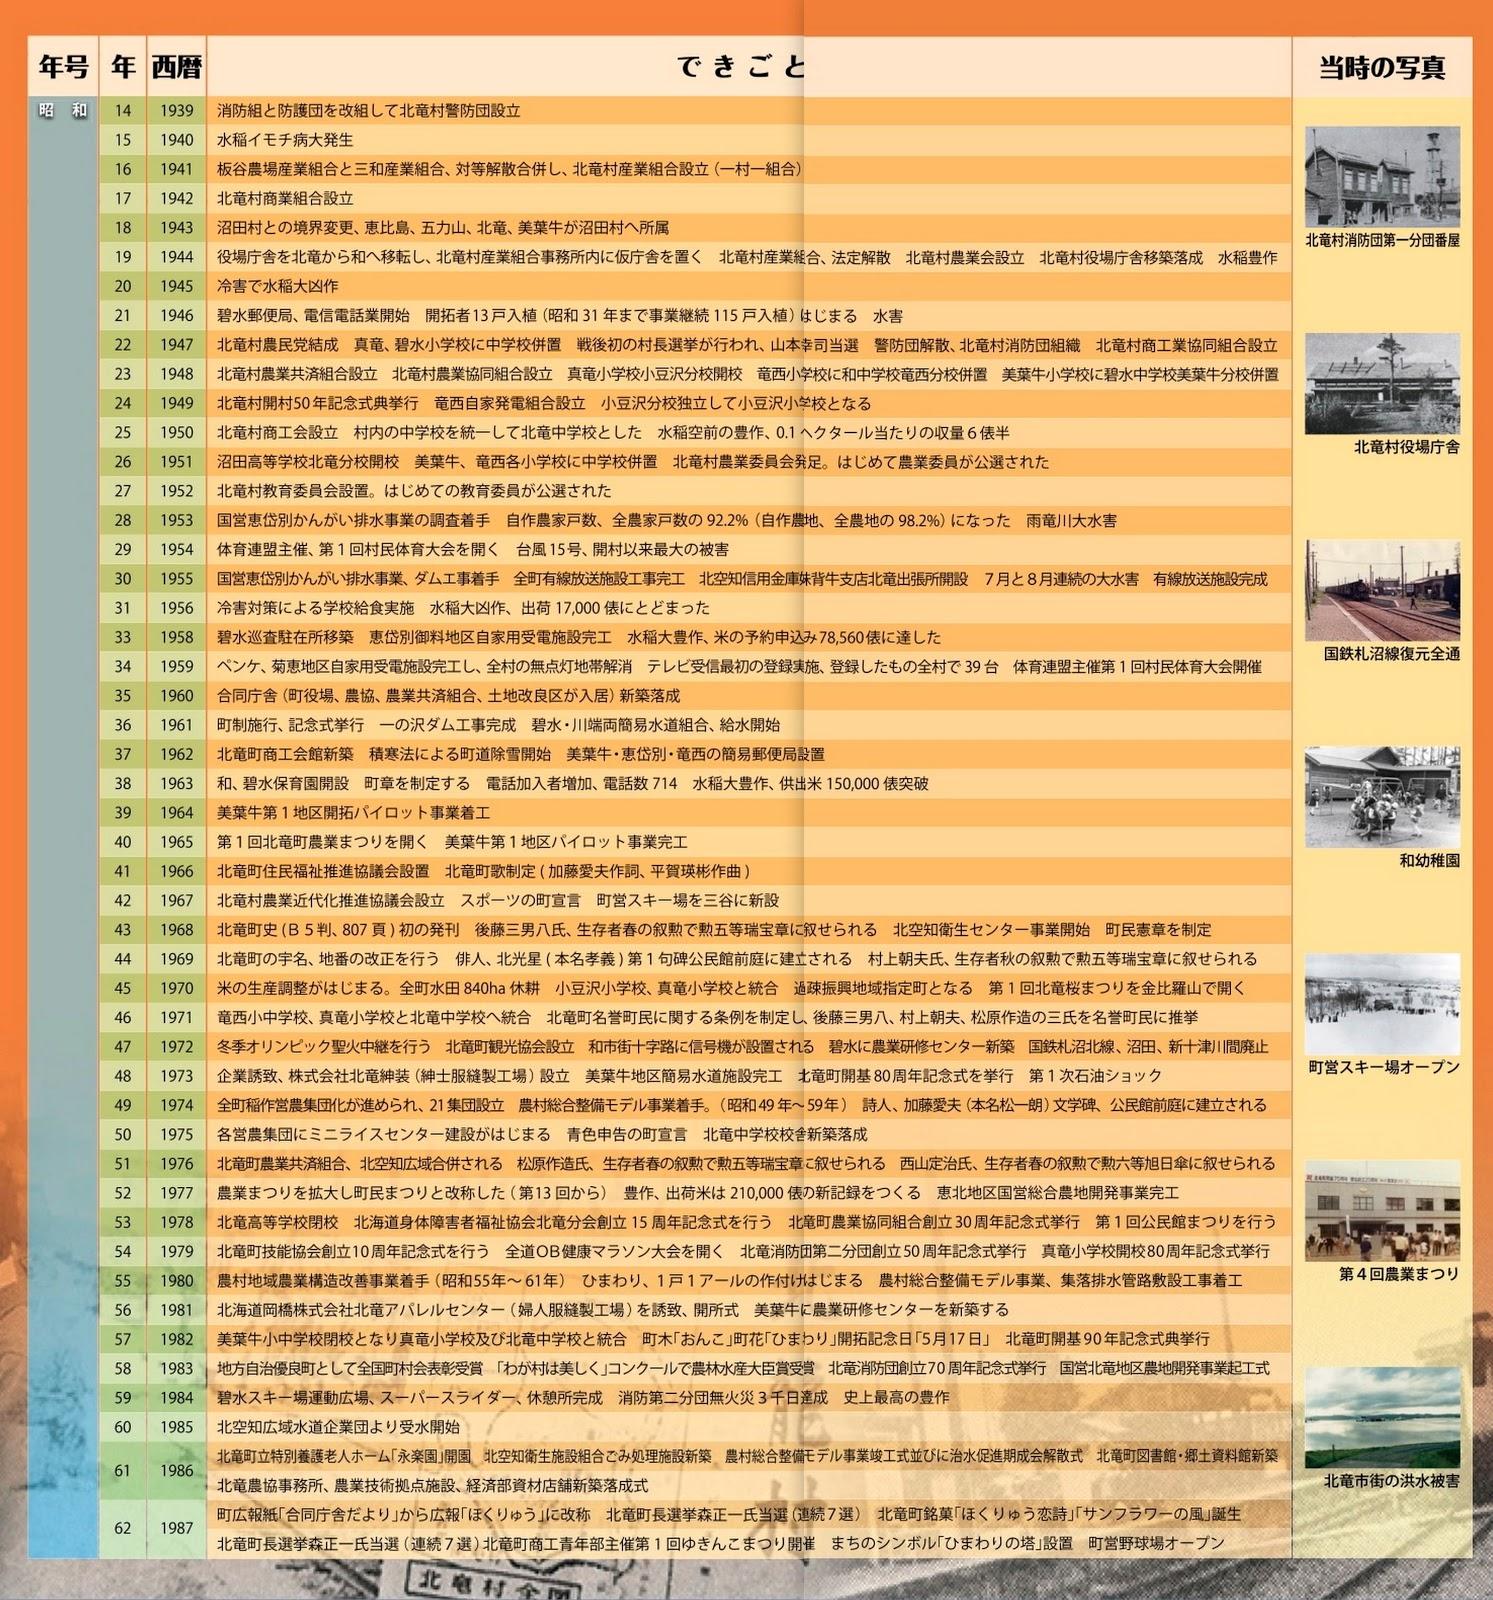 北竜町歴史年表2